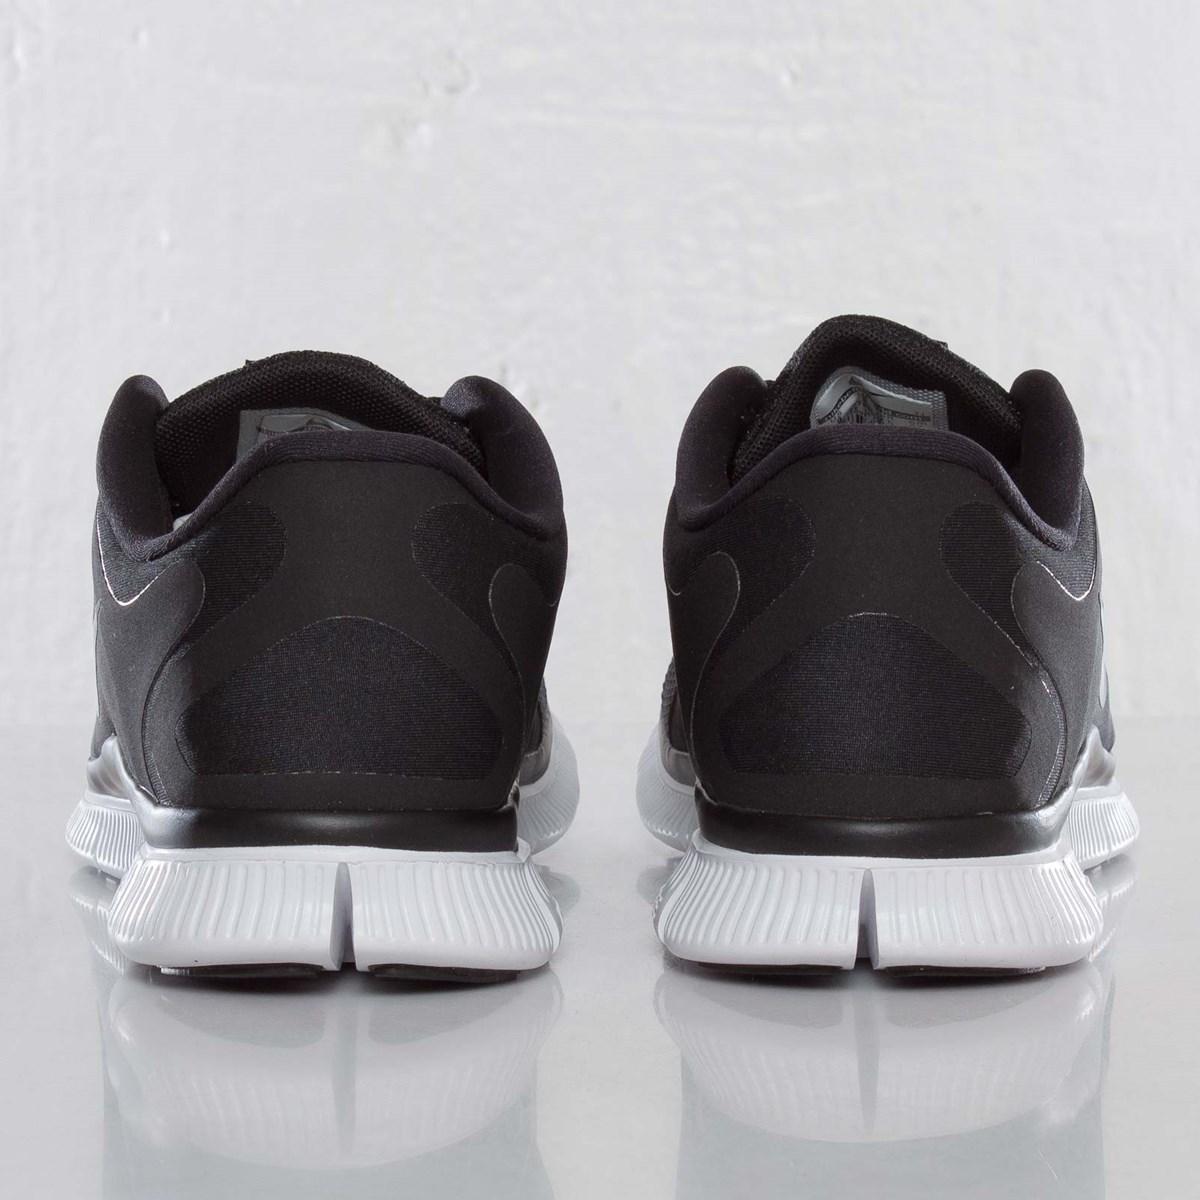 Nike Free 5.0+ 579959 002 Sneakersnstuff | sneakers